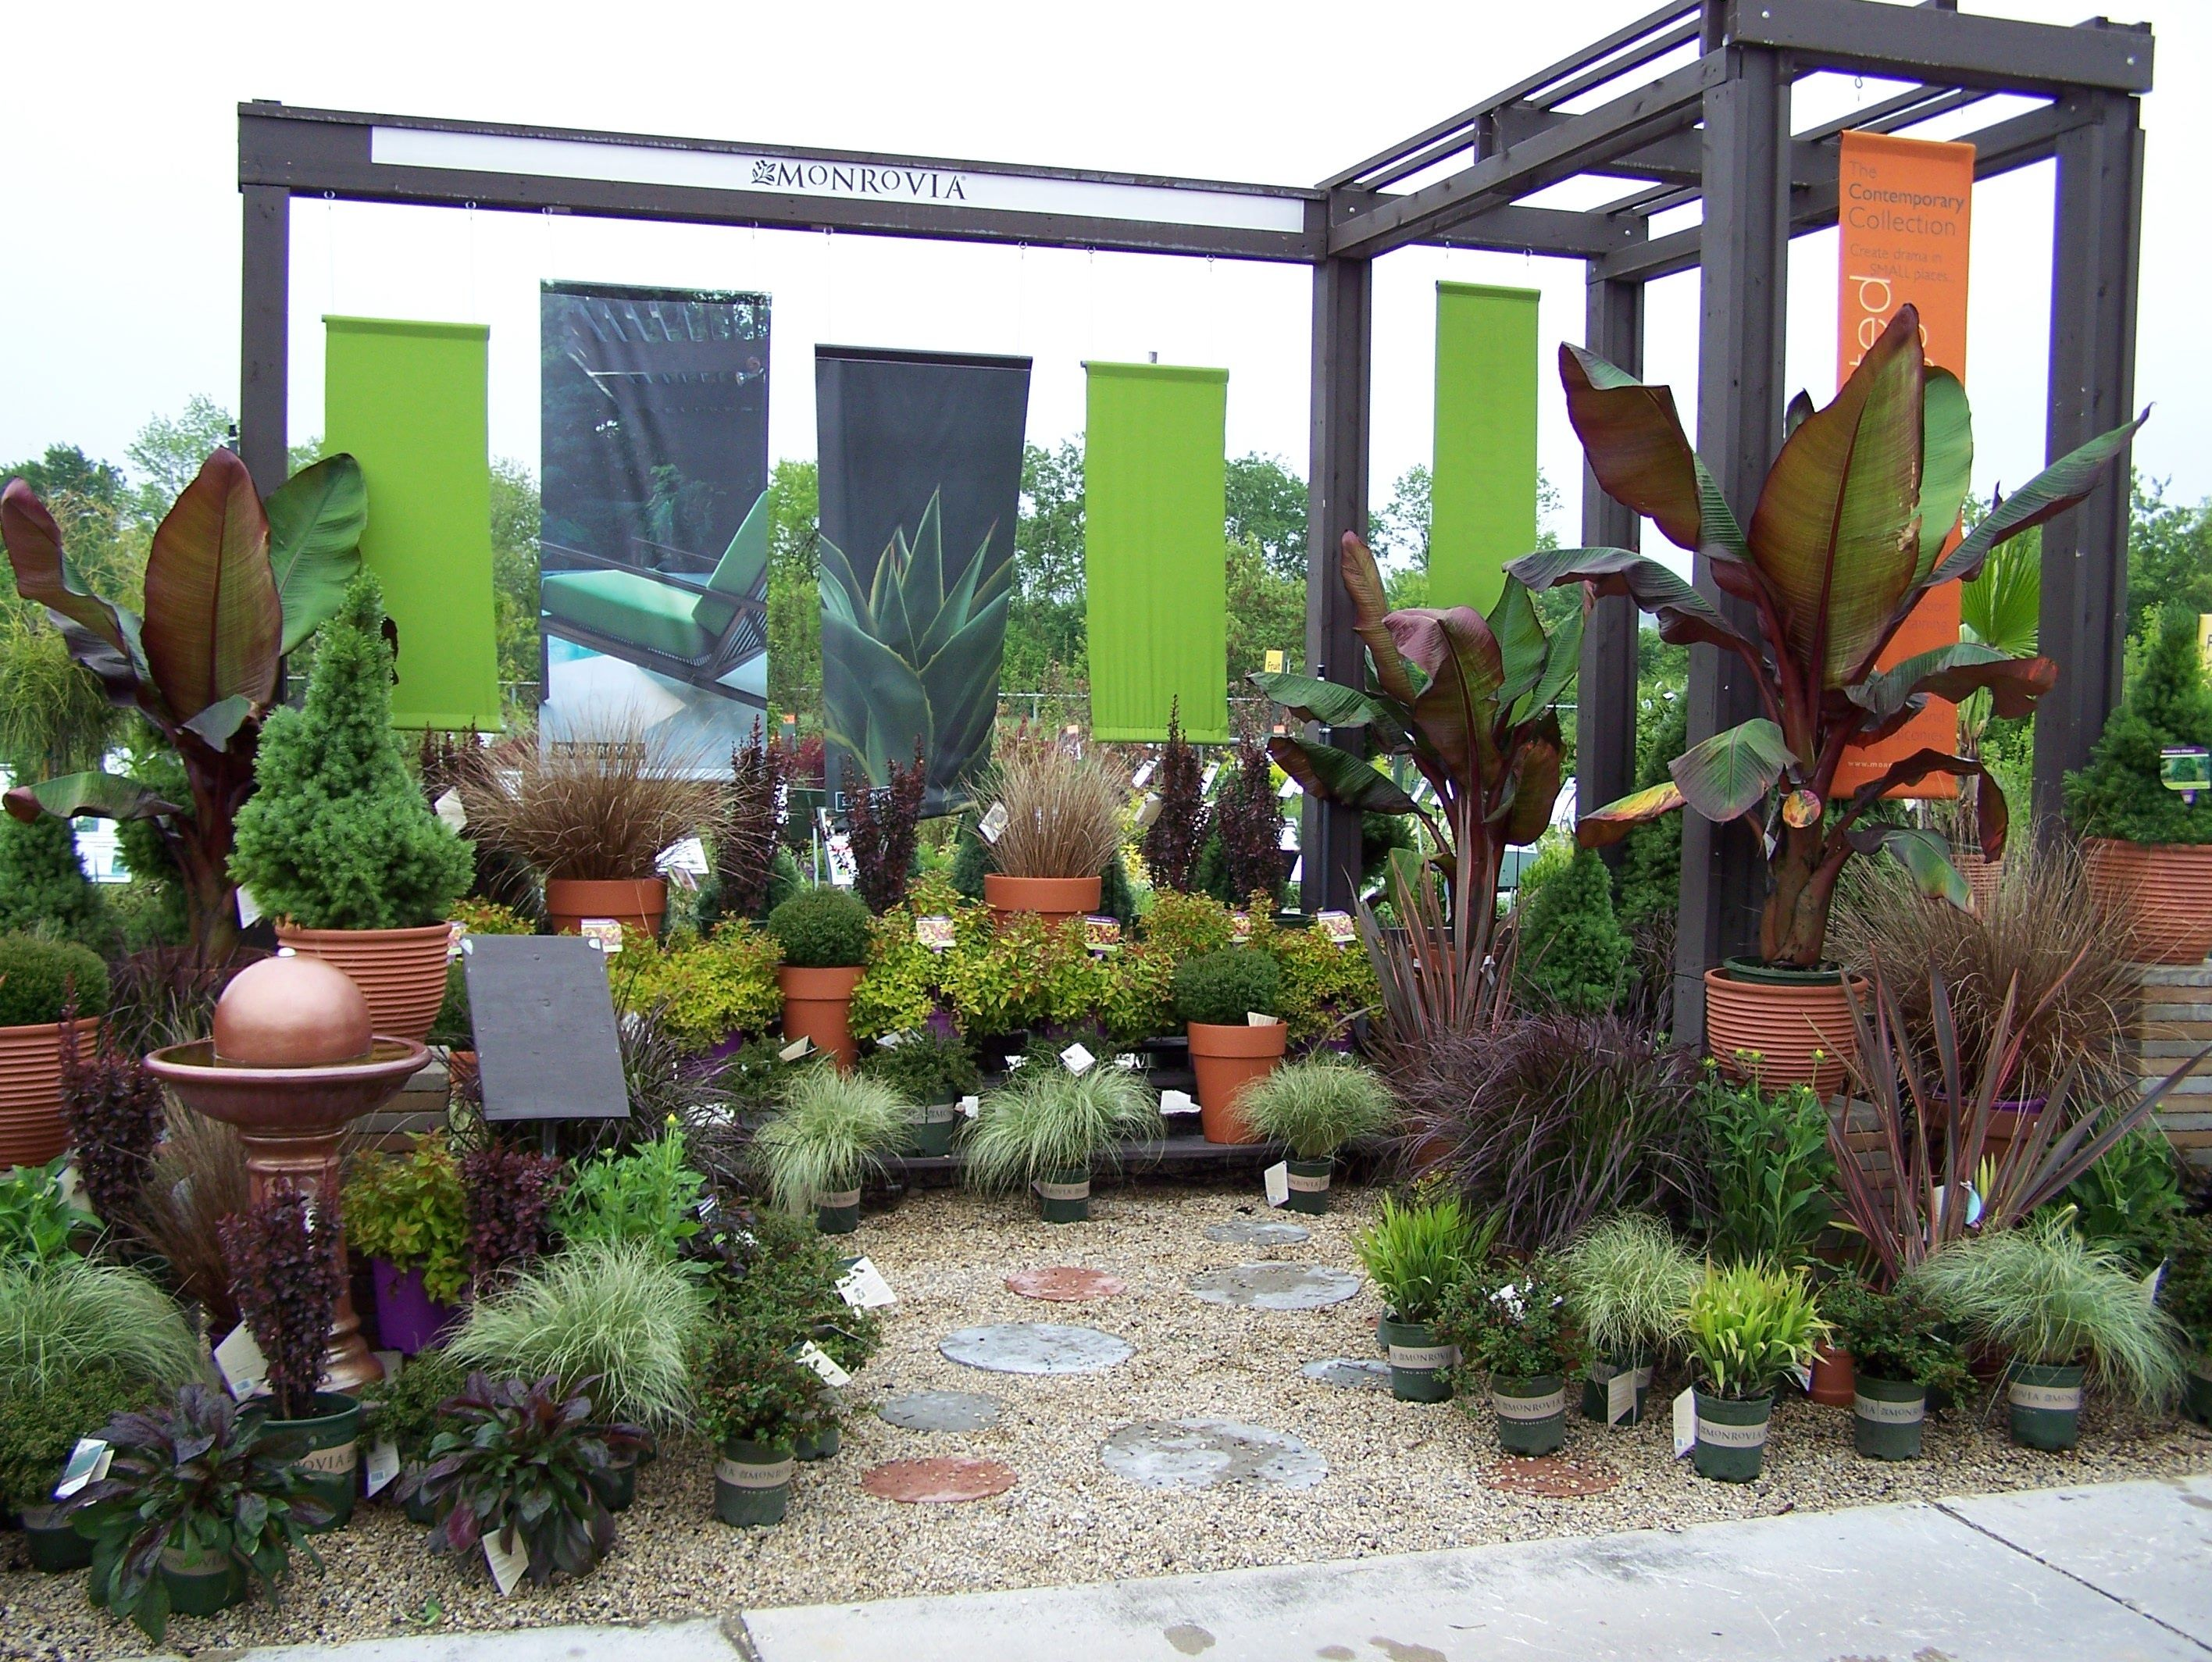 Garden Centre: Monrovia - Modern/Tropical